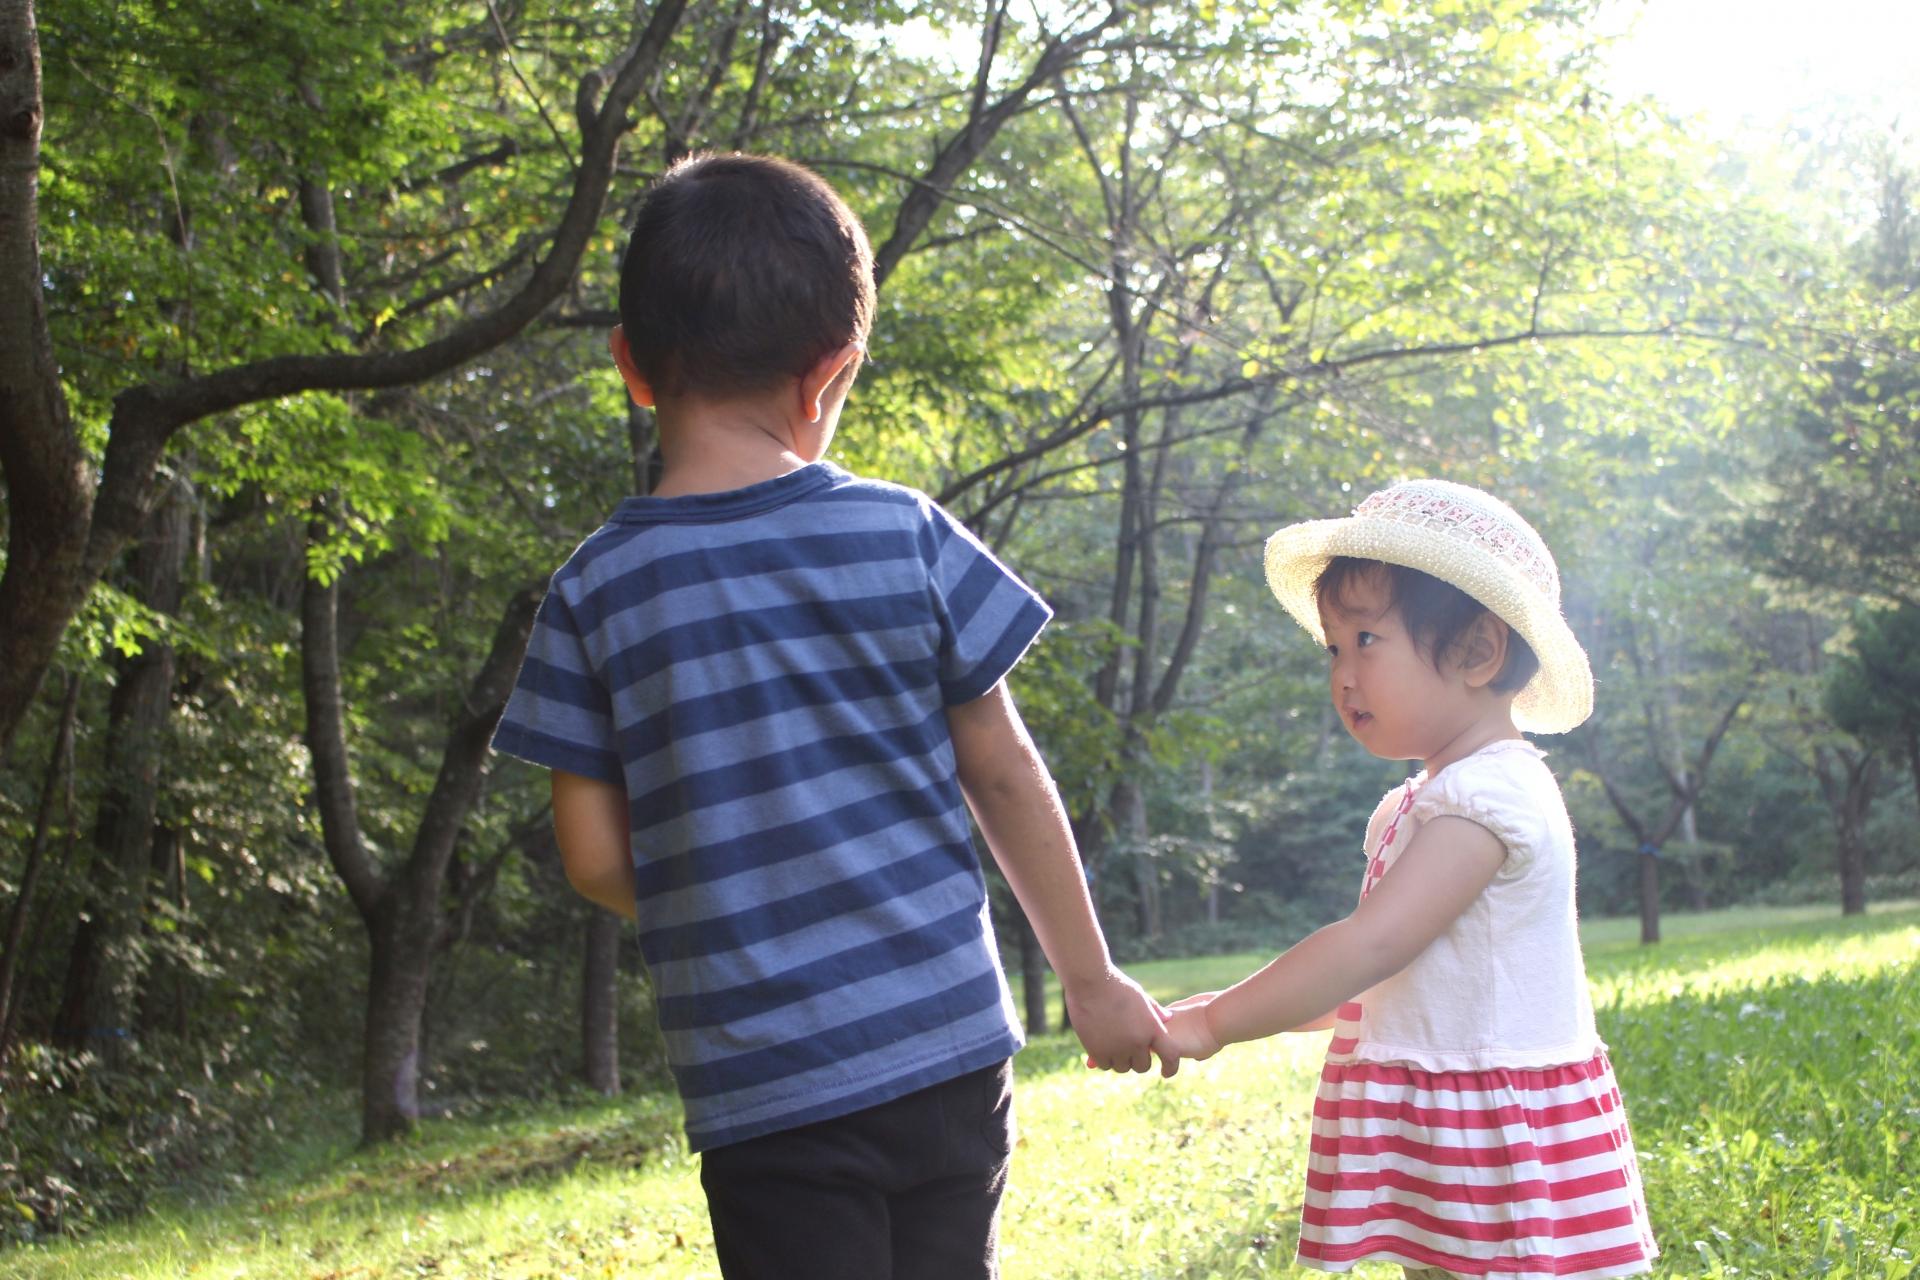 男の子と小さな女の子